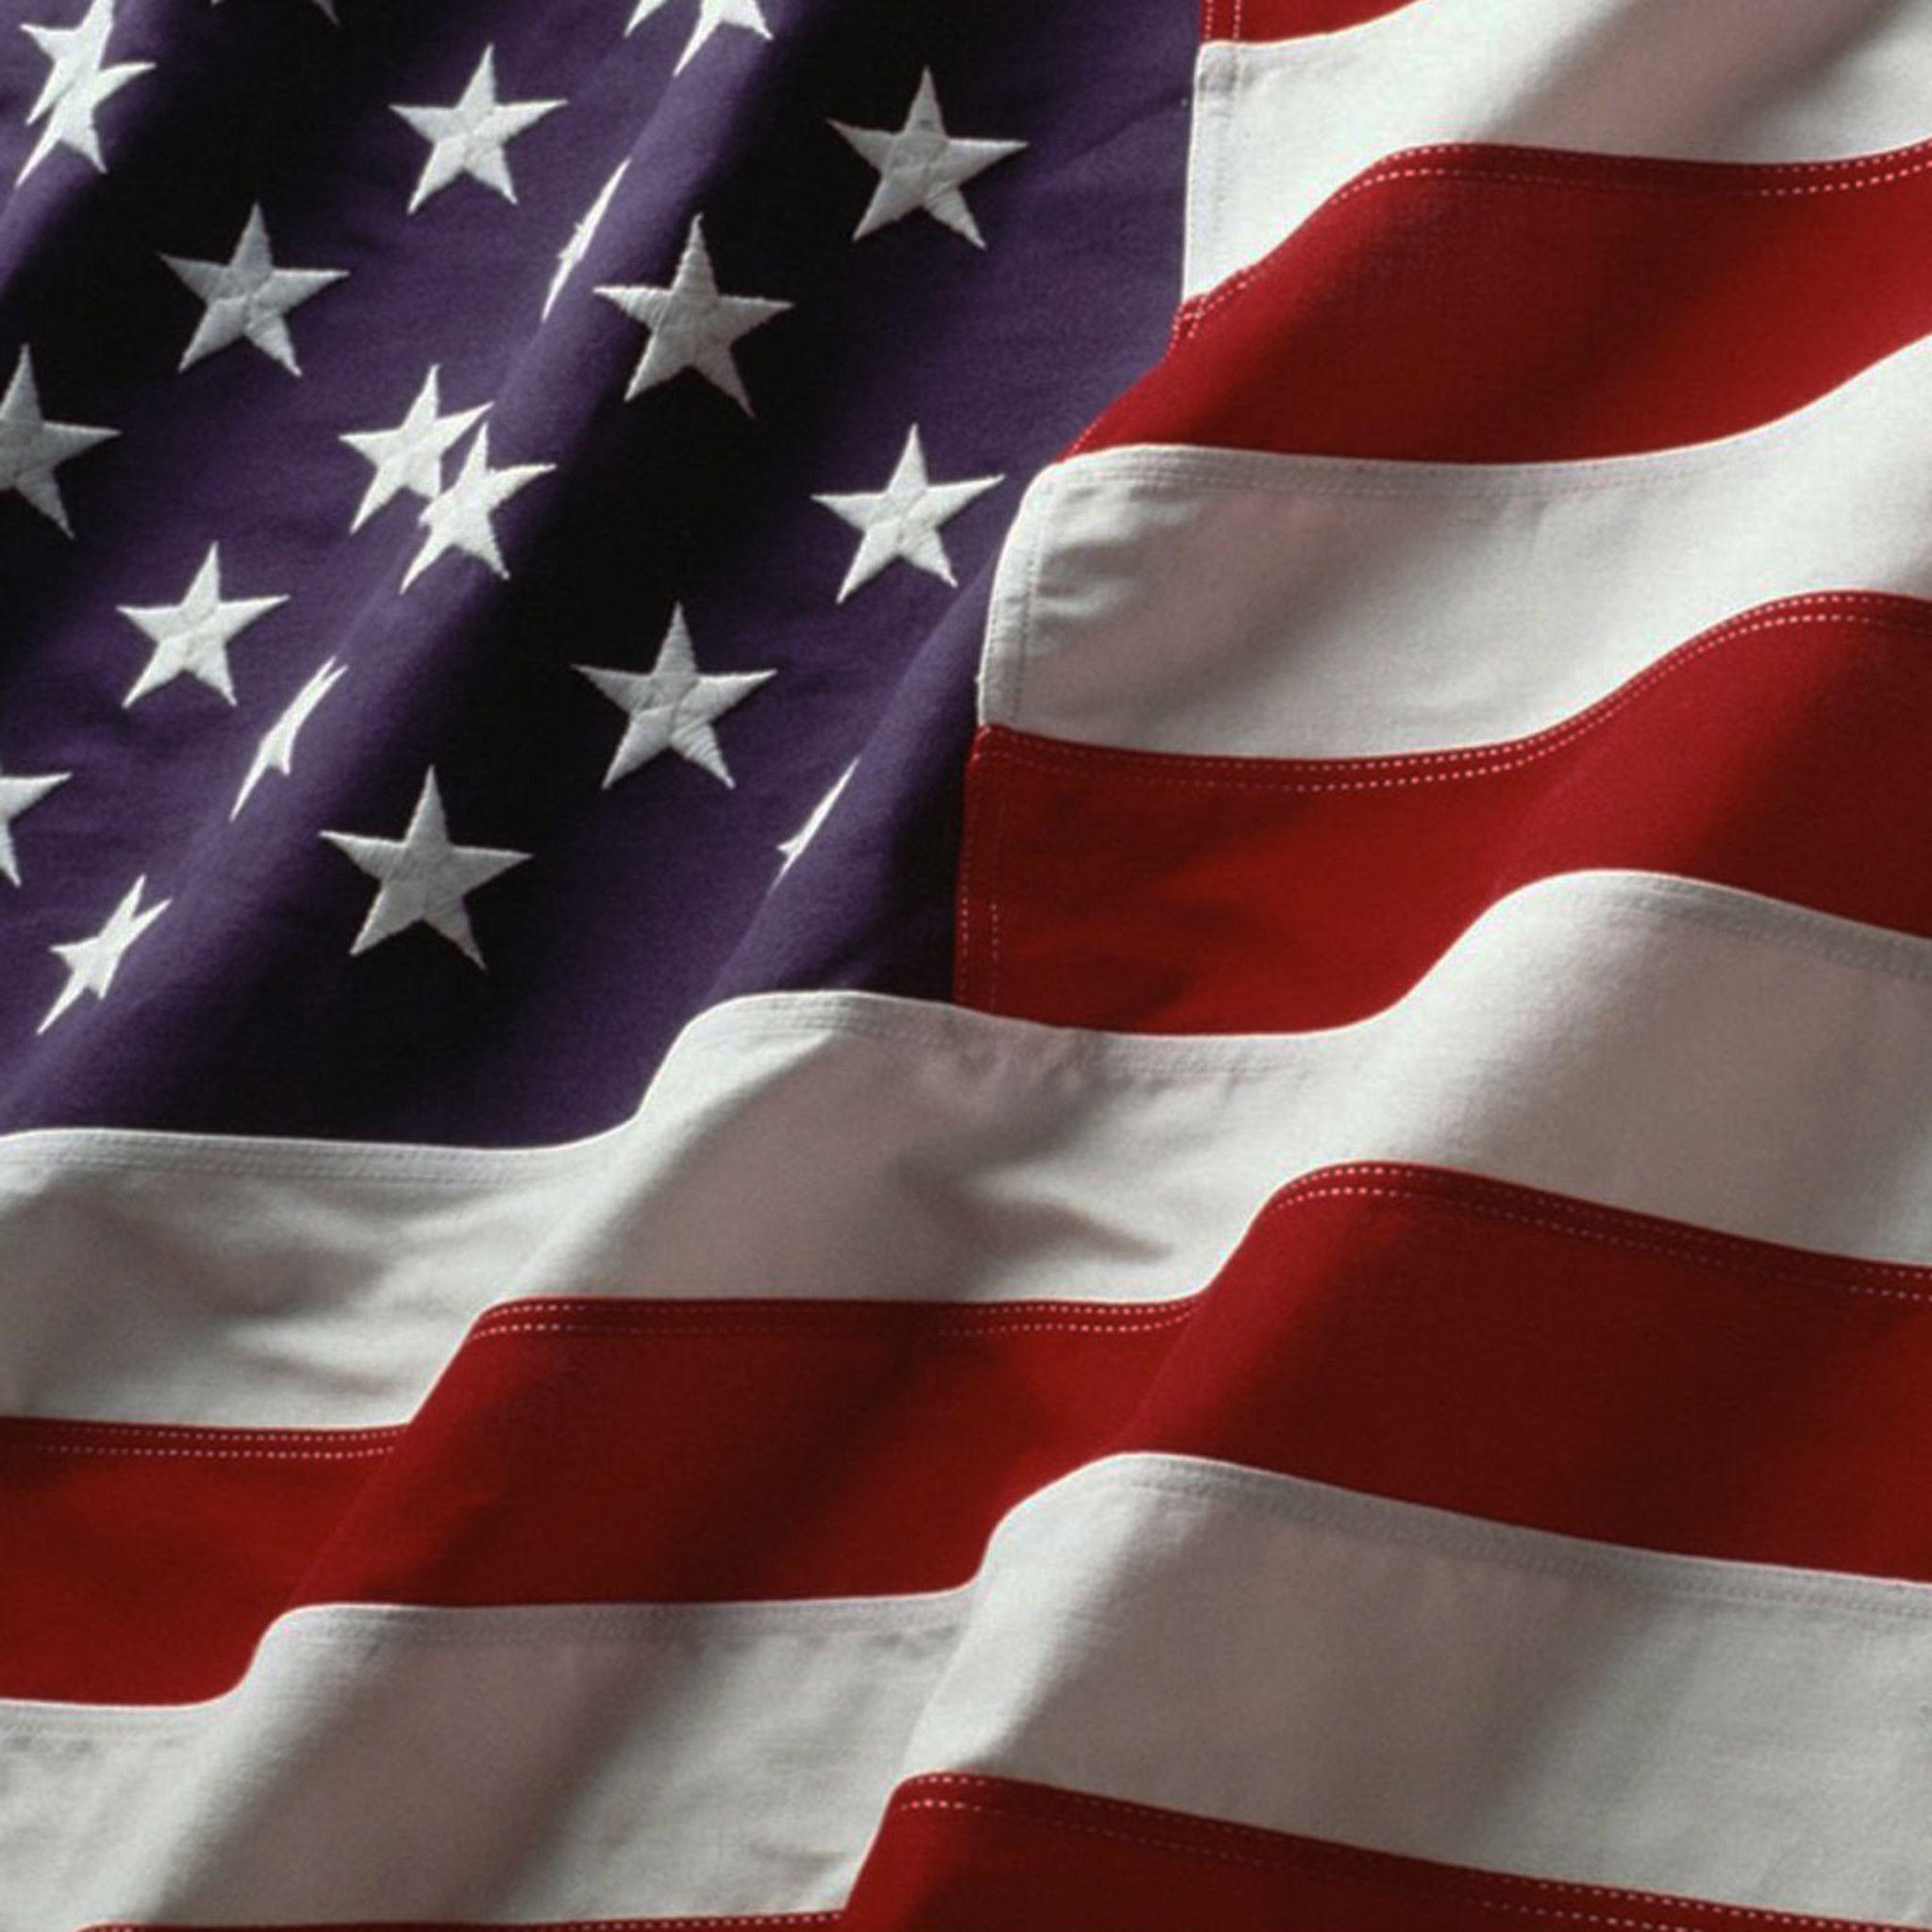 アメリカ国旗 American Flag Wallpaper